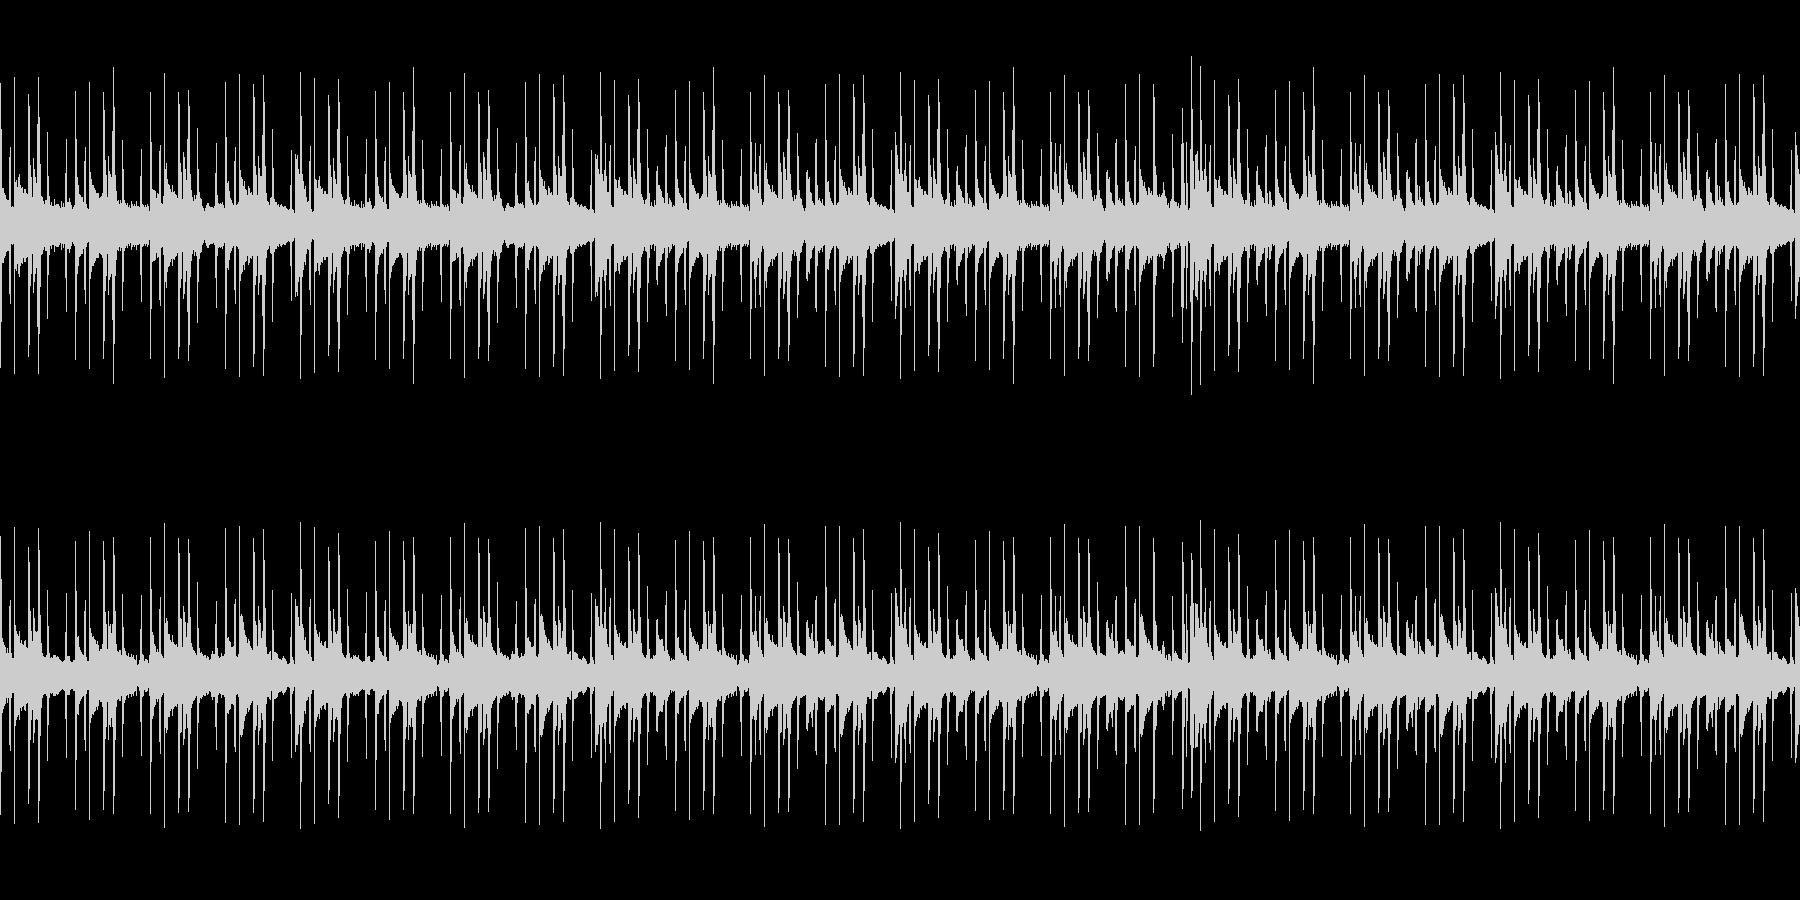 ダークでアンニュイなエレクトロニック系の未再生の波形